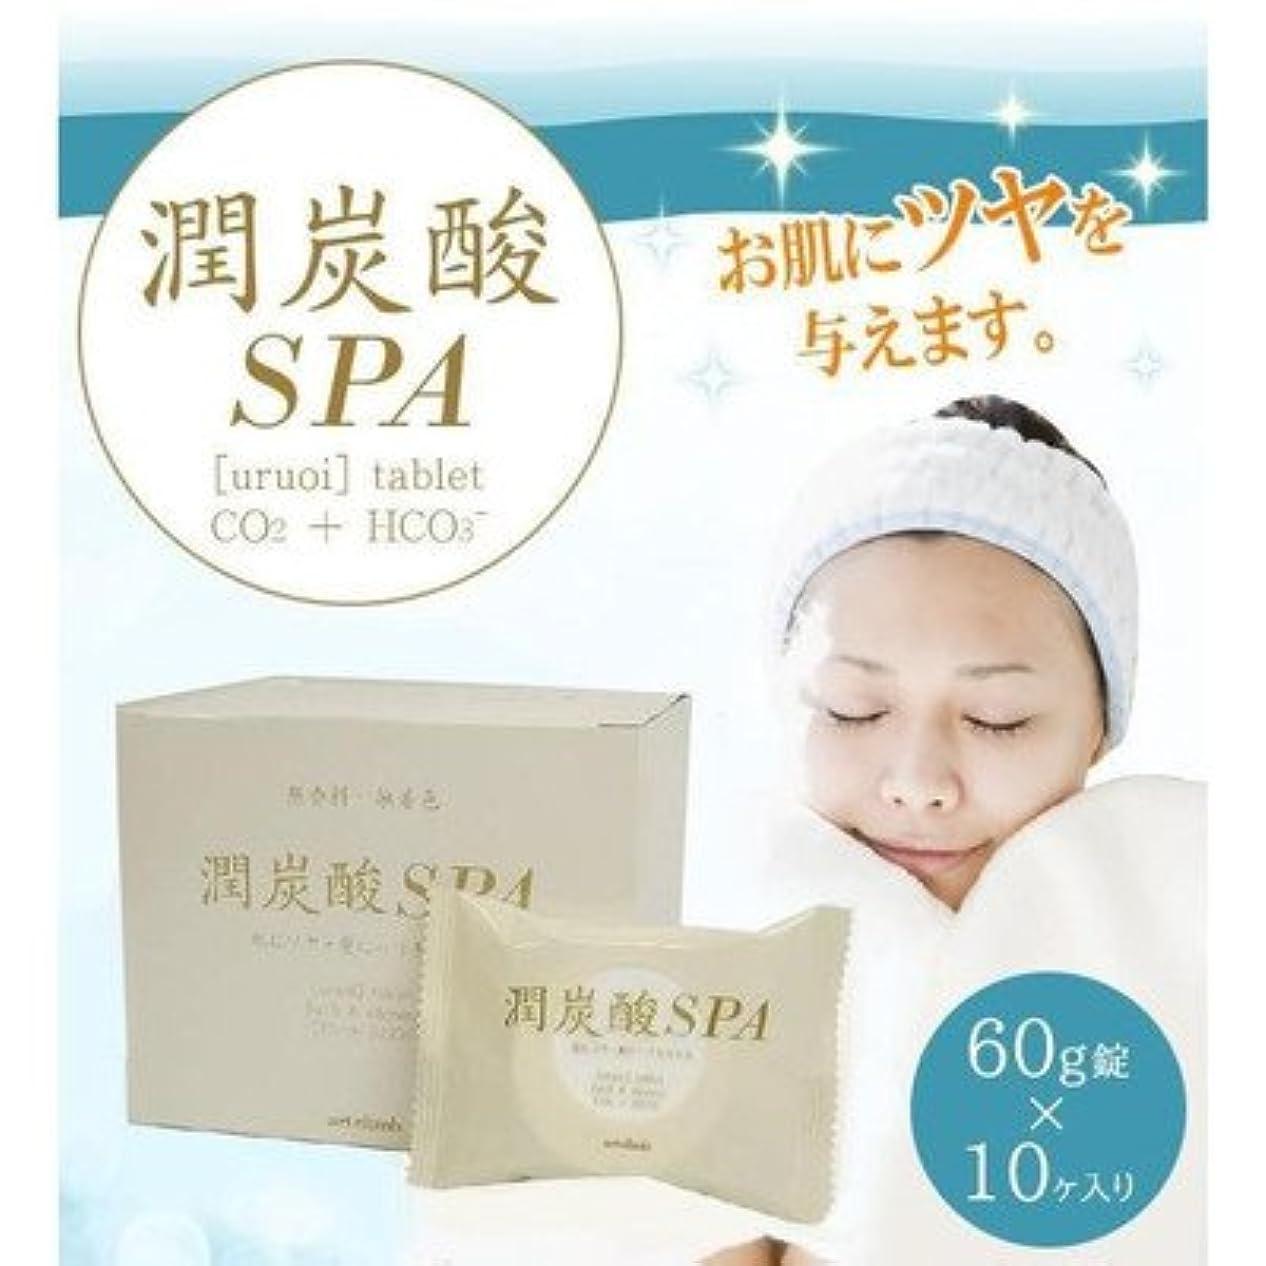 辞書喉が渇いた偽装する潤炭酸SPA BS 60g錠×10ヶ入り (浴用化粧料)